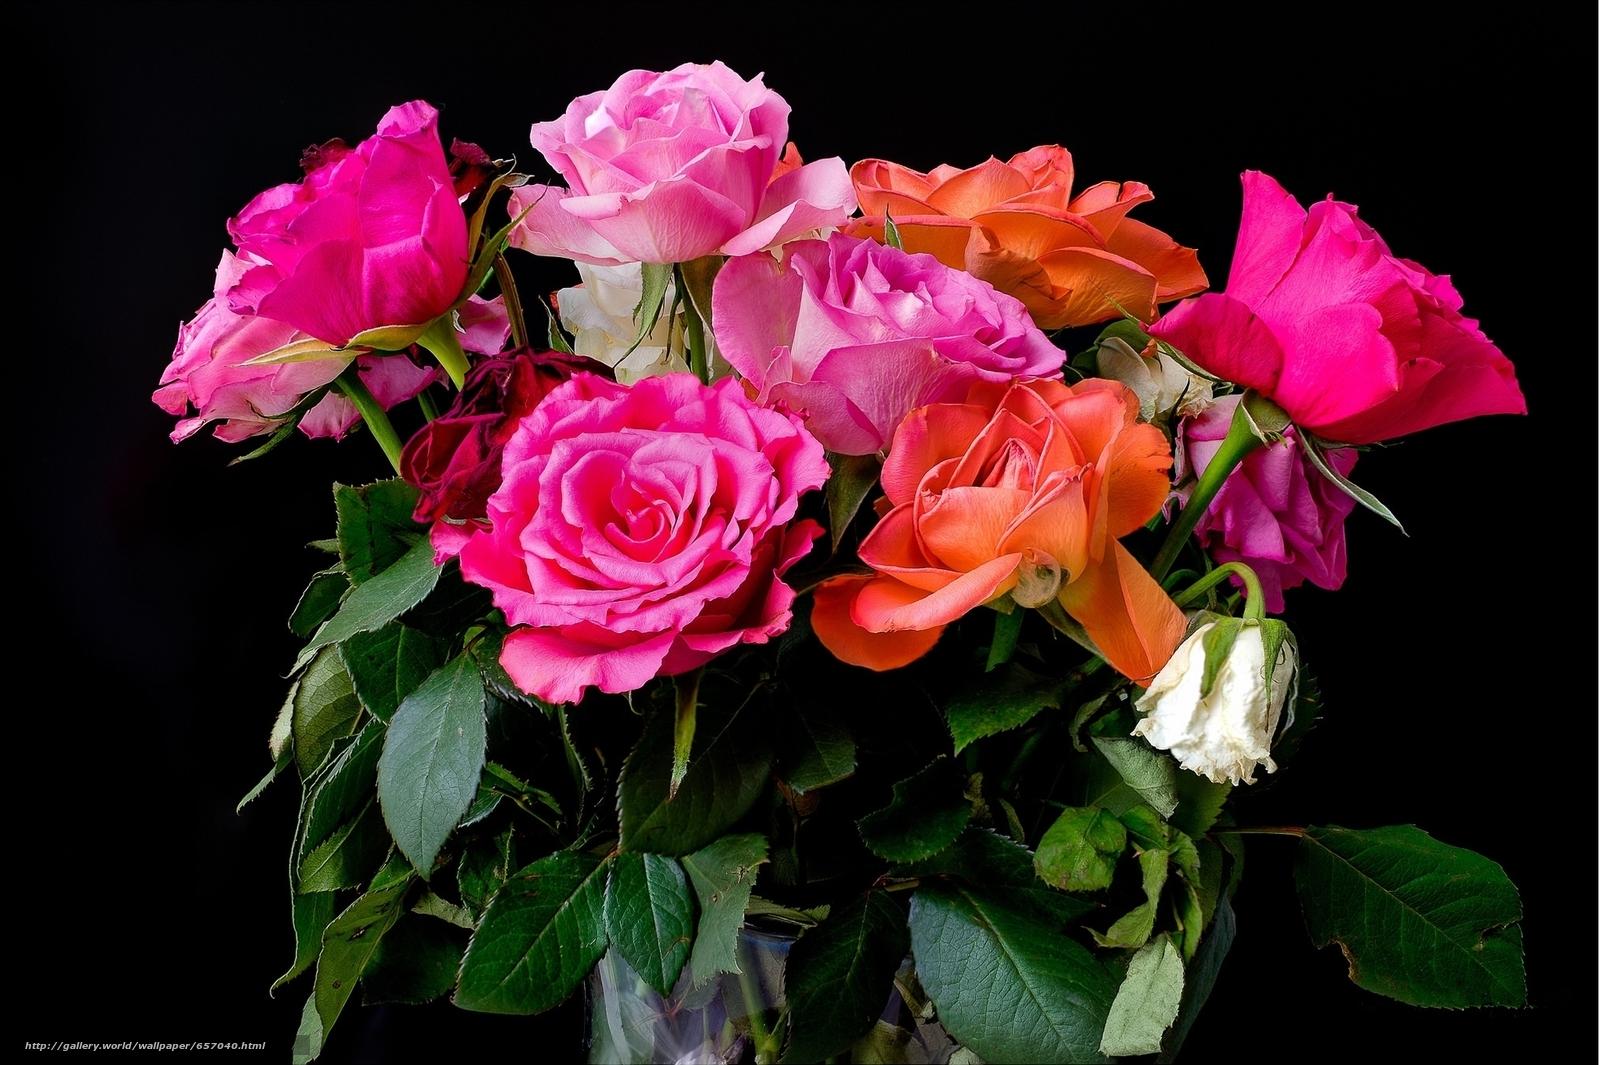 Скачать обои розы,  букет,  флора бесплатно для рабочего стола в разрешении 2041x1359 — картинка №657040